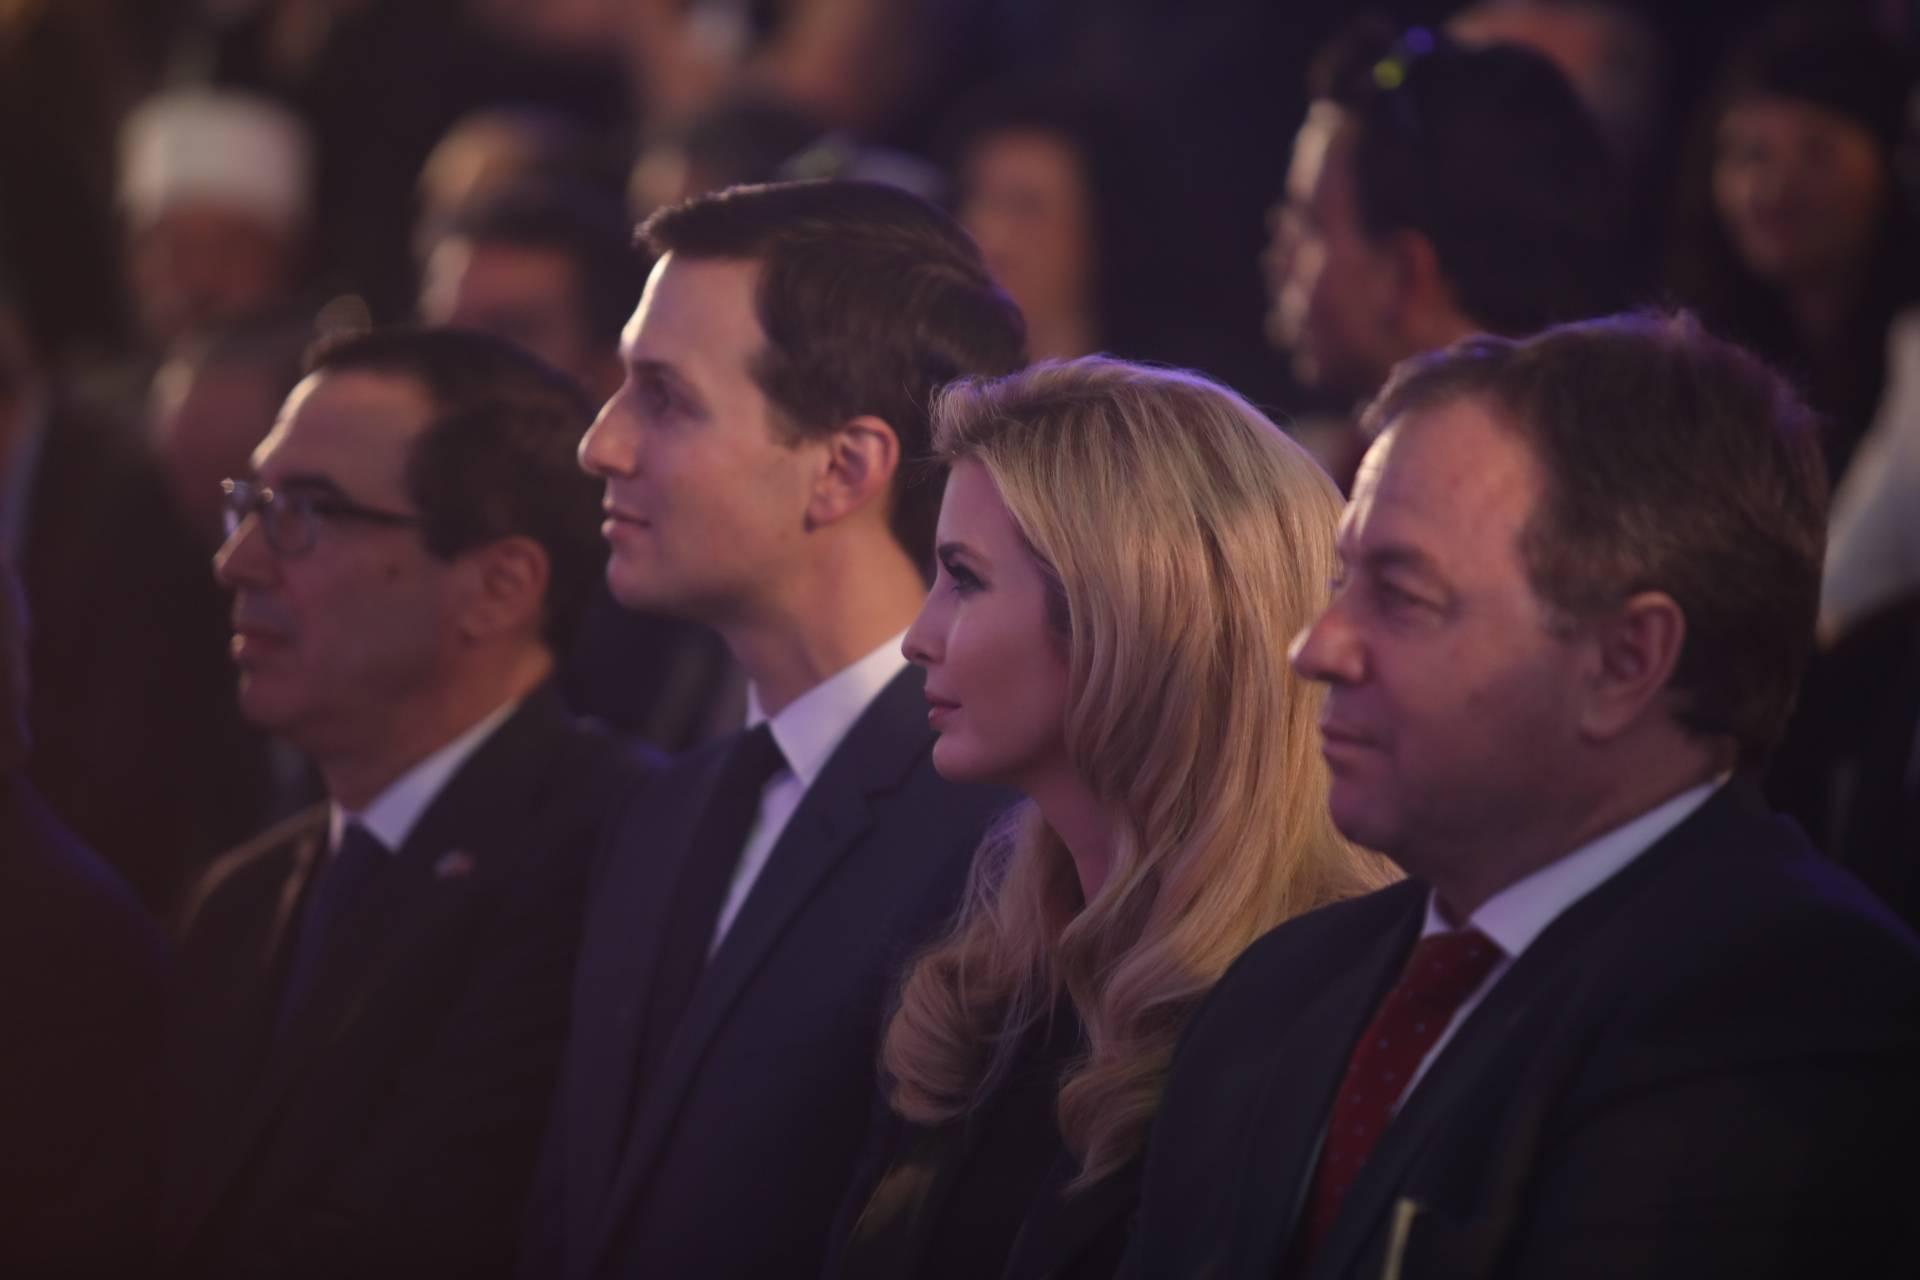 La hija y asesora del presidente de Estados Unidos, Donald Trump, Ivanka Trump, centro derecha, y el asesor principal de Trump, Jared Kushner, centro izquierda, en una ceremonia de bienvenida a la Embajada de EE. UU. en el Ministerio de Asuntos Exteriores, antes de la inauguración oficial de la Embajada de EE. UU. , 2018. (Hadas Parush / Flash 90)